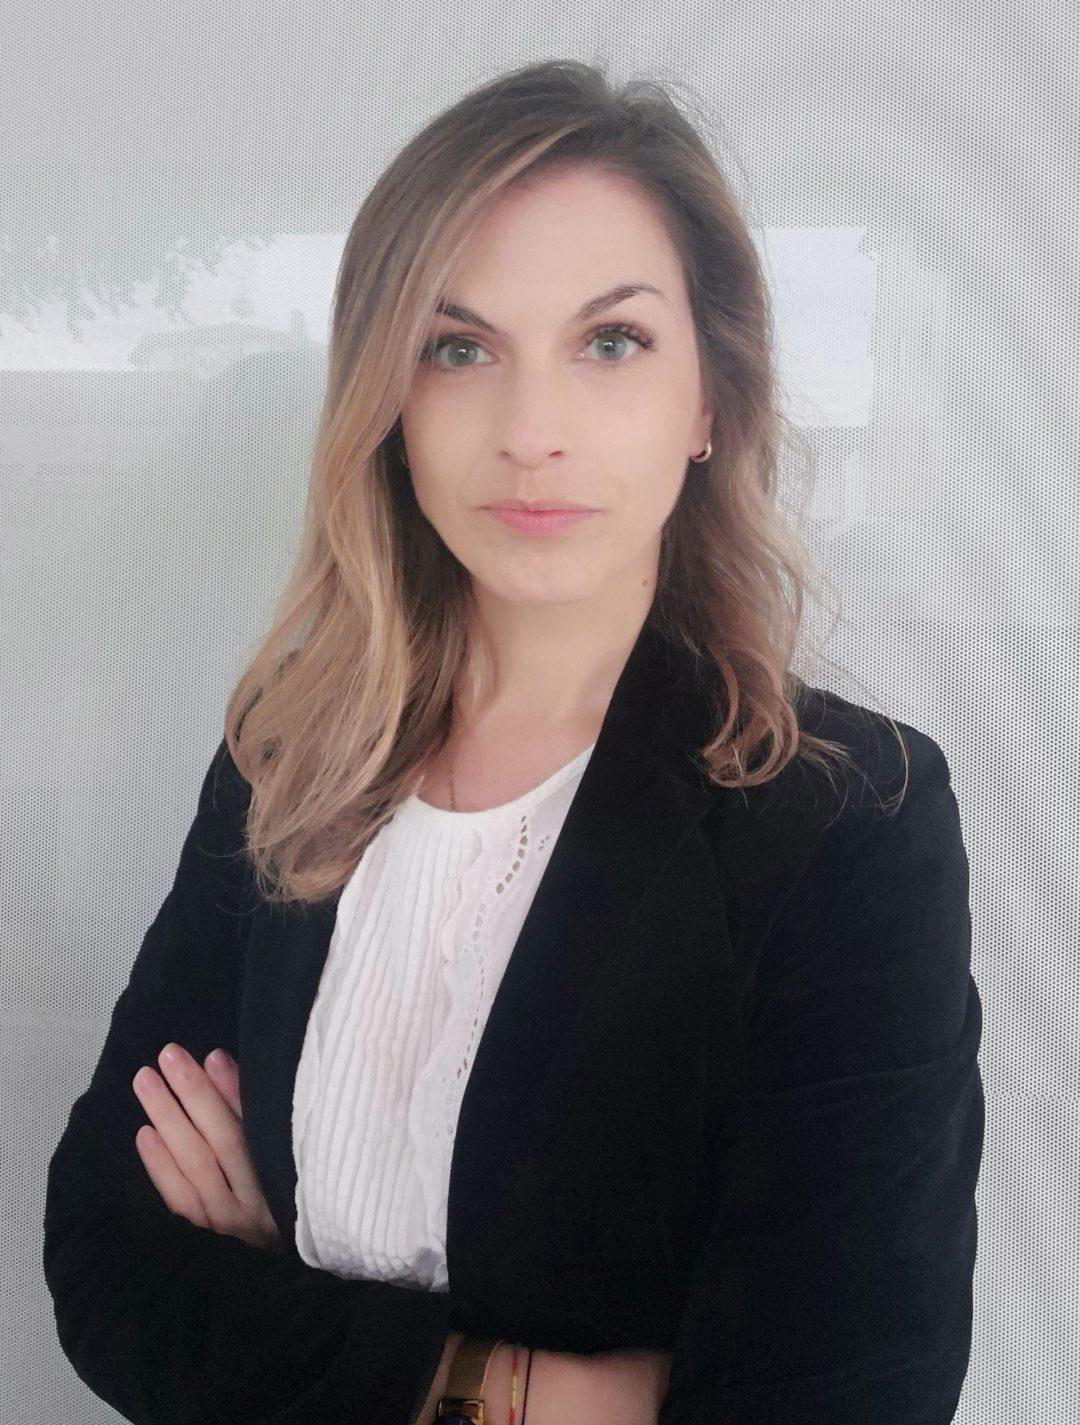 Maria Semblano